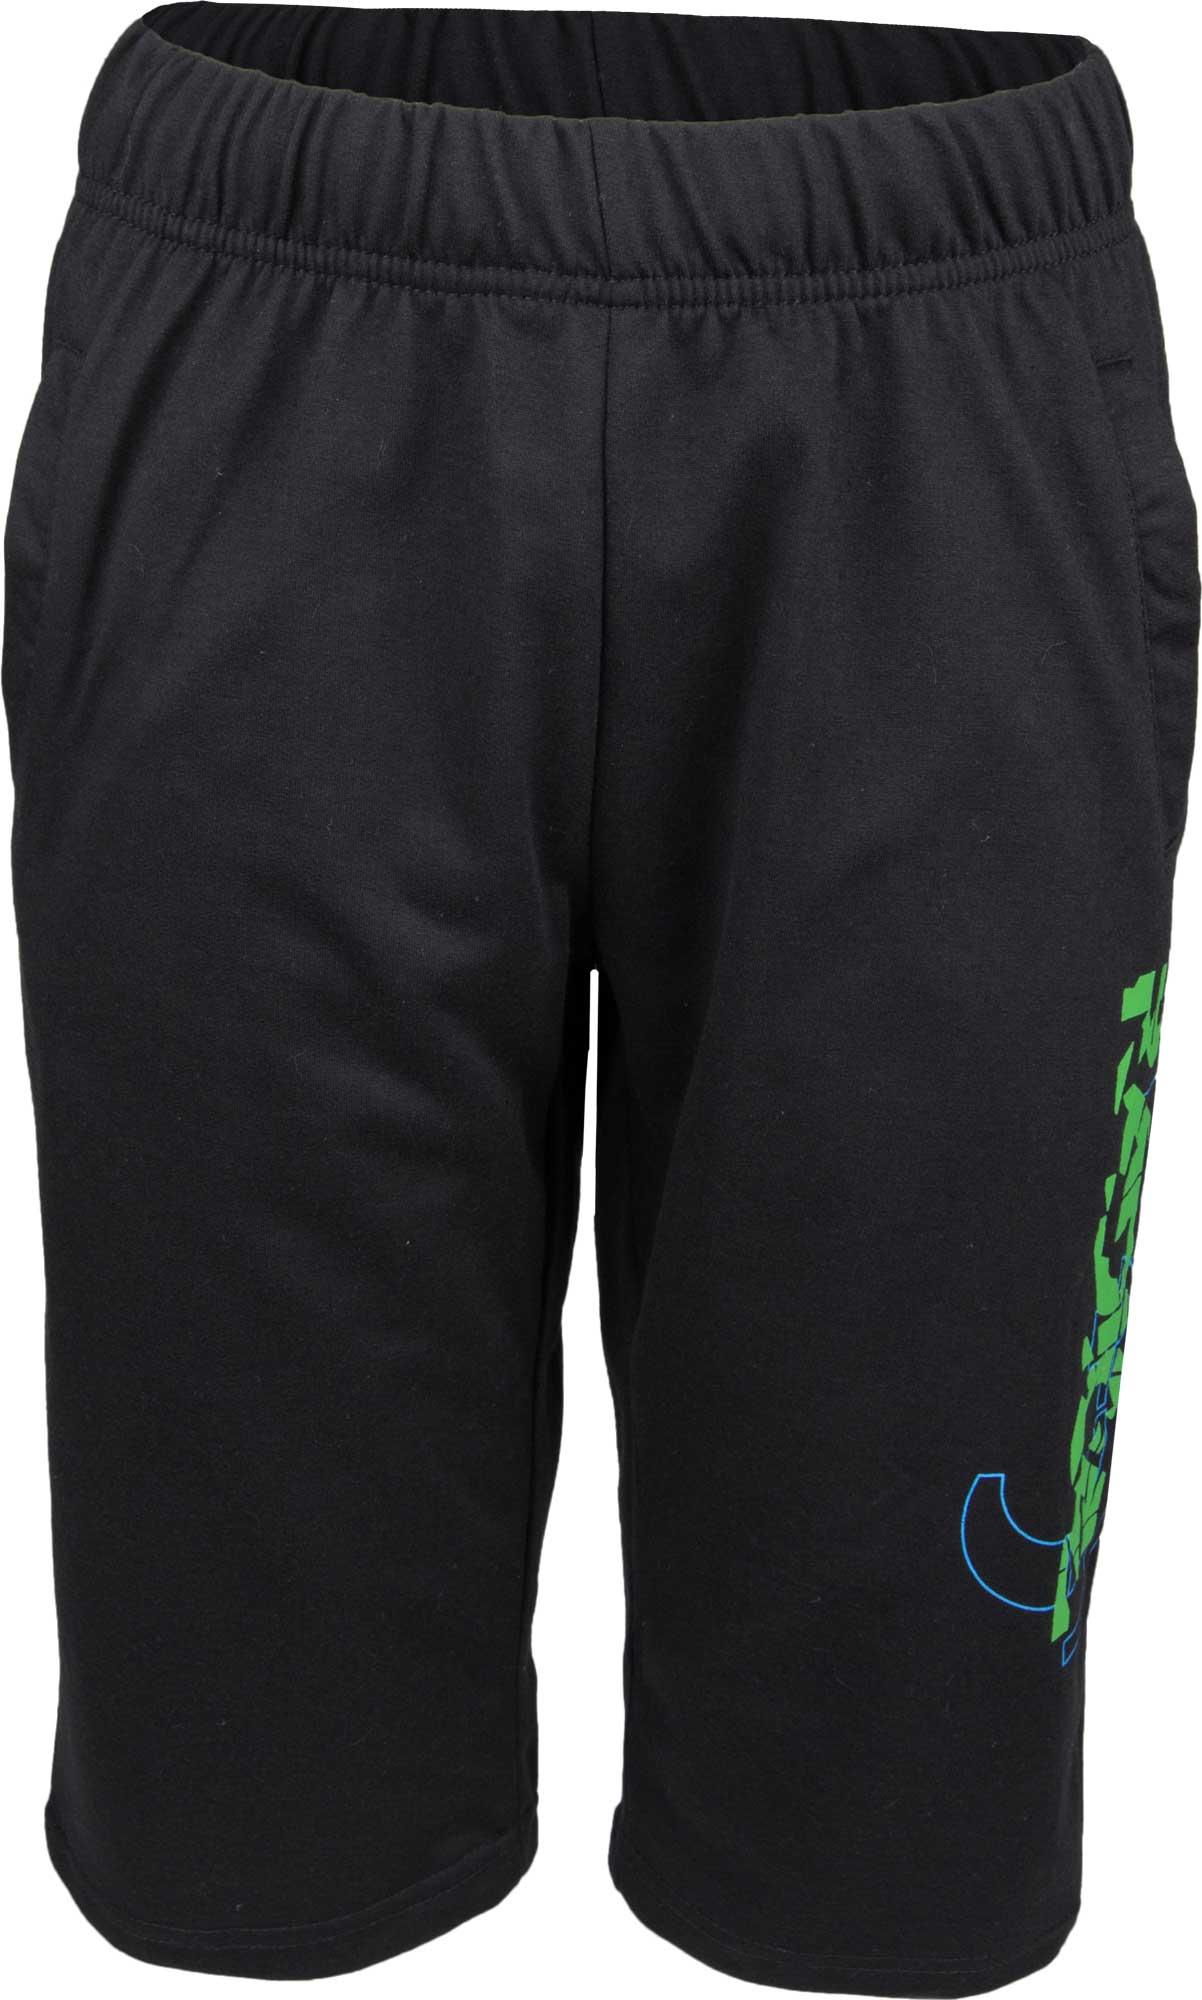 4c93e8bcd29a Chlapecké tříčtvrteční kalhoty